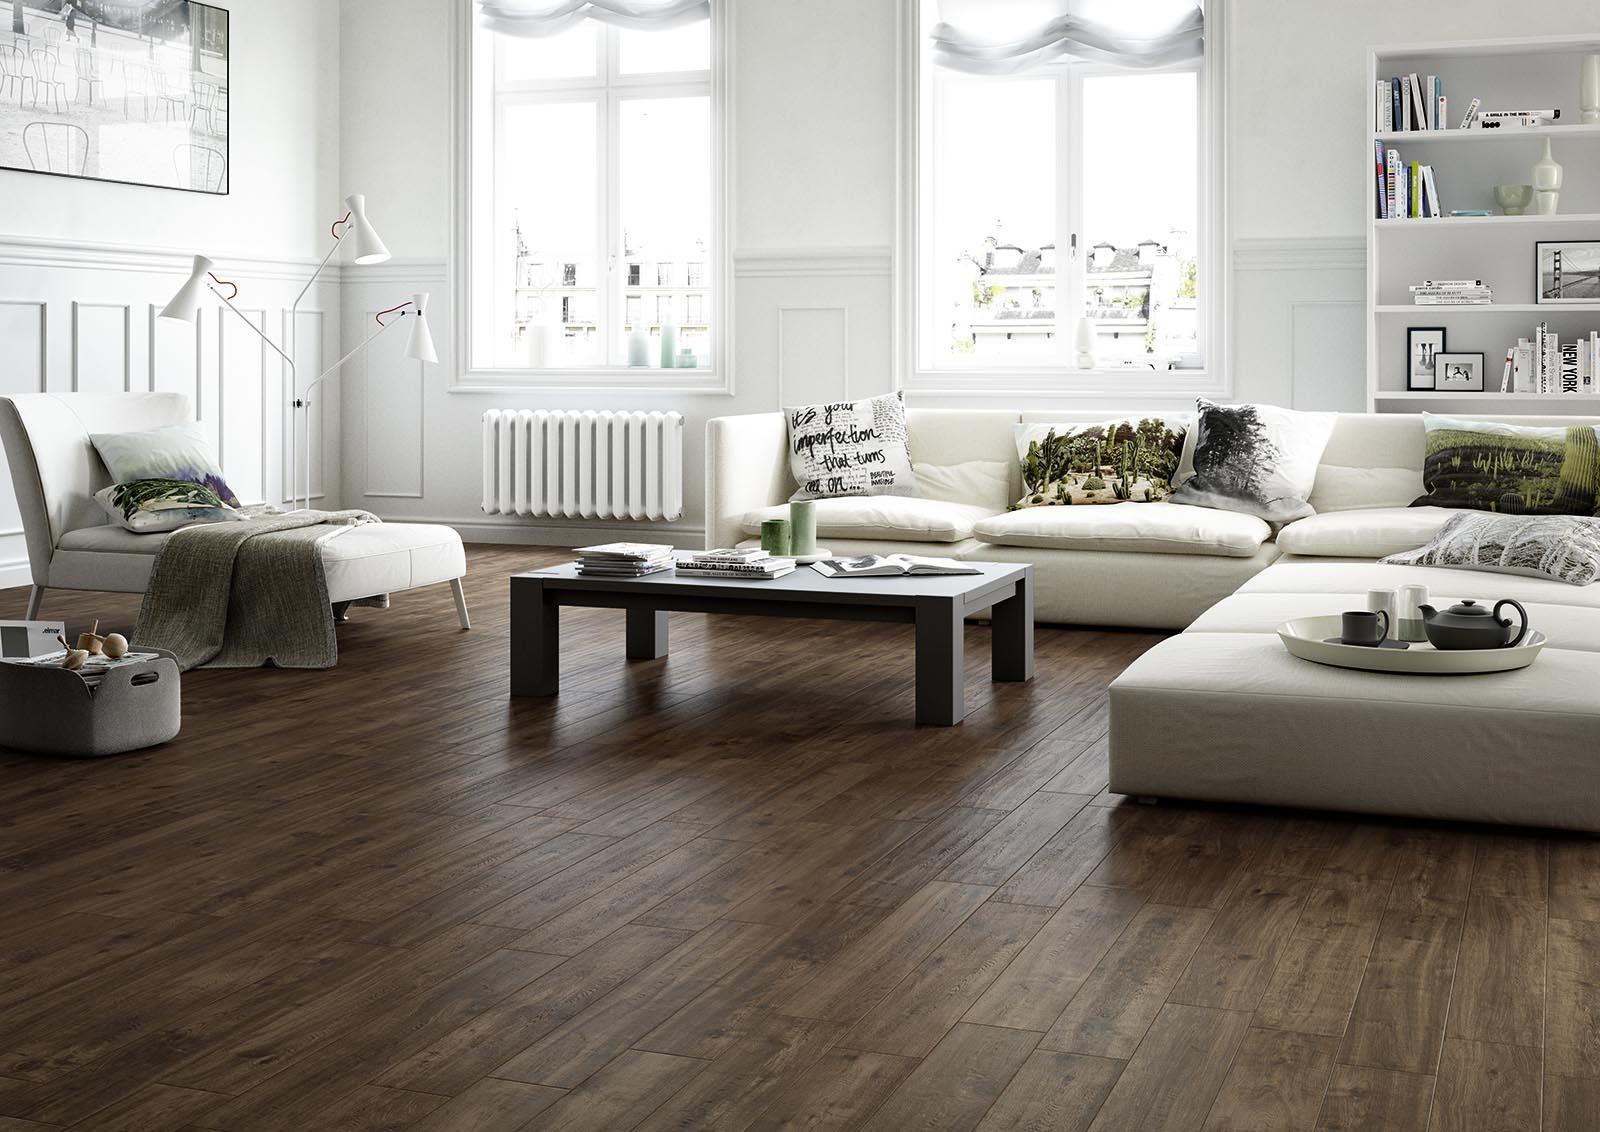 moderne vloertegels woonkamer voorbeelden tgwonen